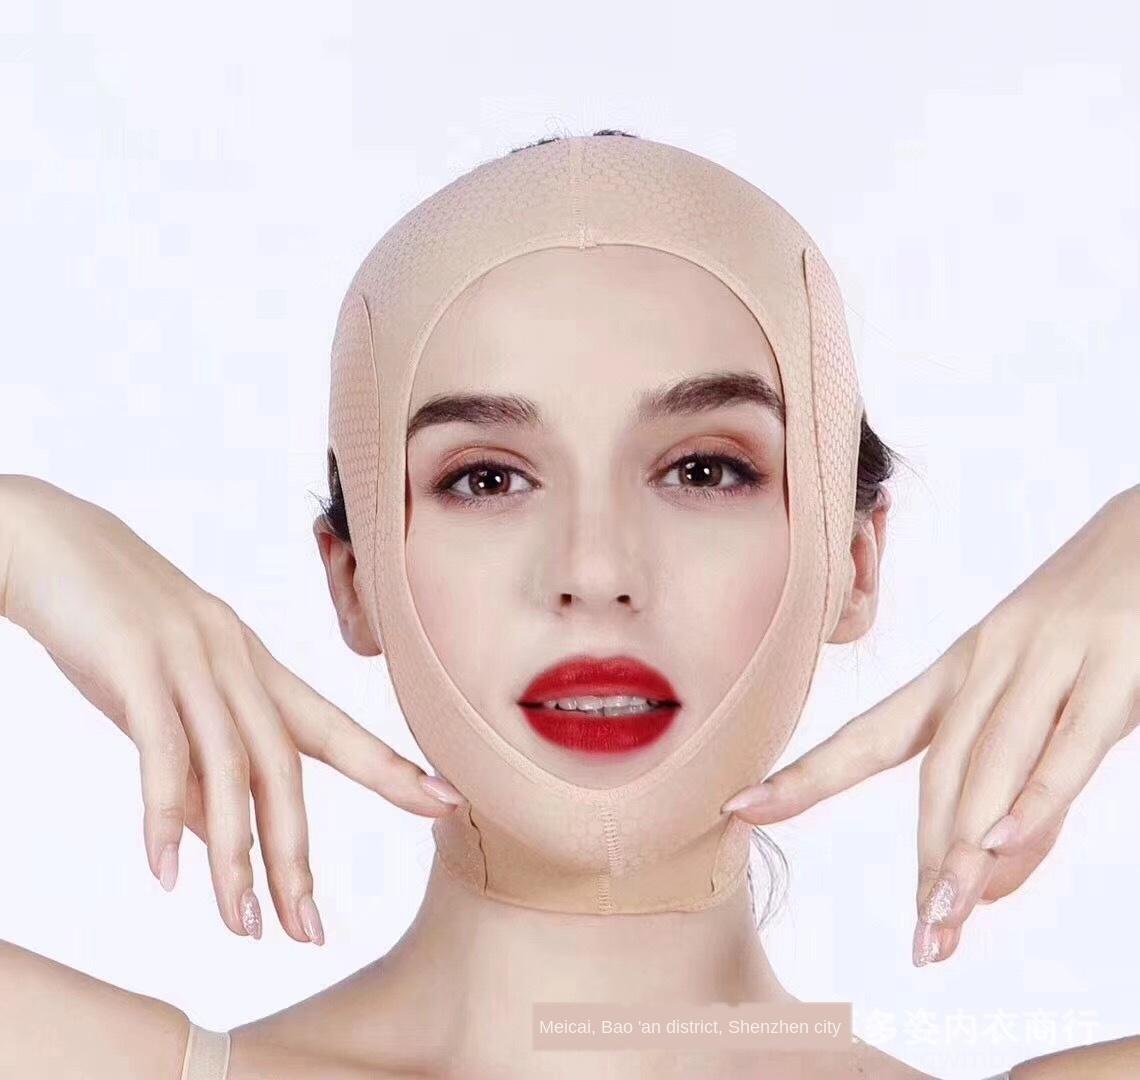 ToZ8Q nuevo salón de belleza cara de la belleza V talla de la máscara facial que adelgaza la cara artefacto conformación de elevación de tensión máscara de elevación